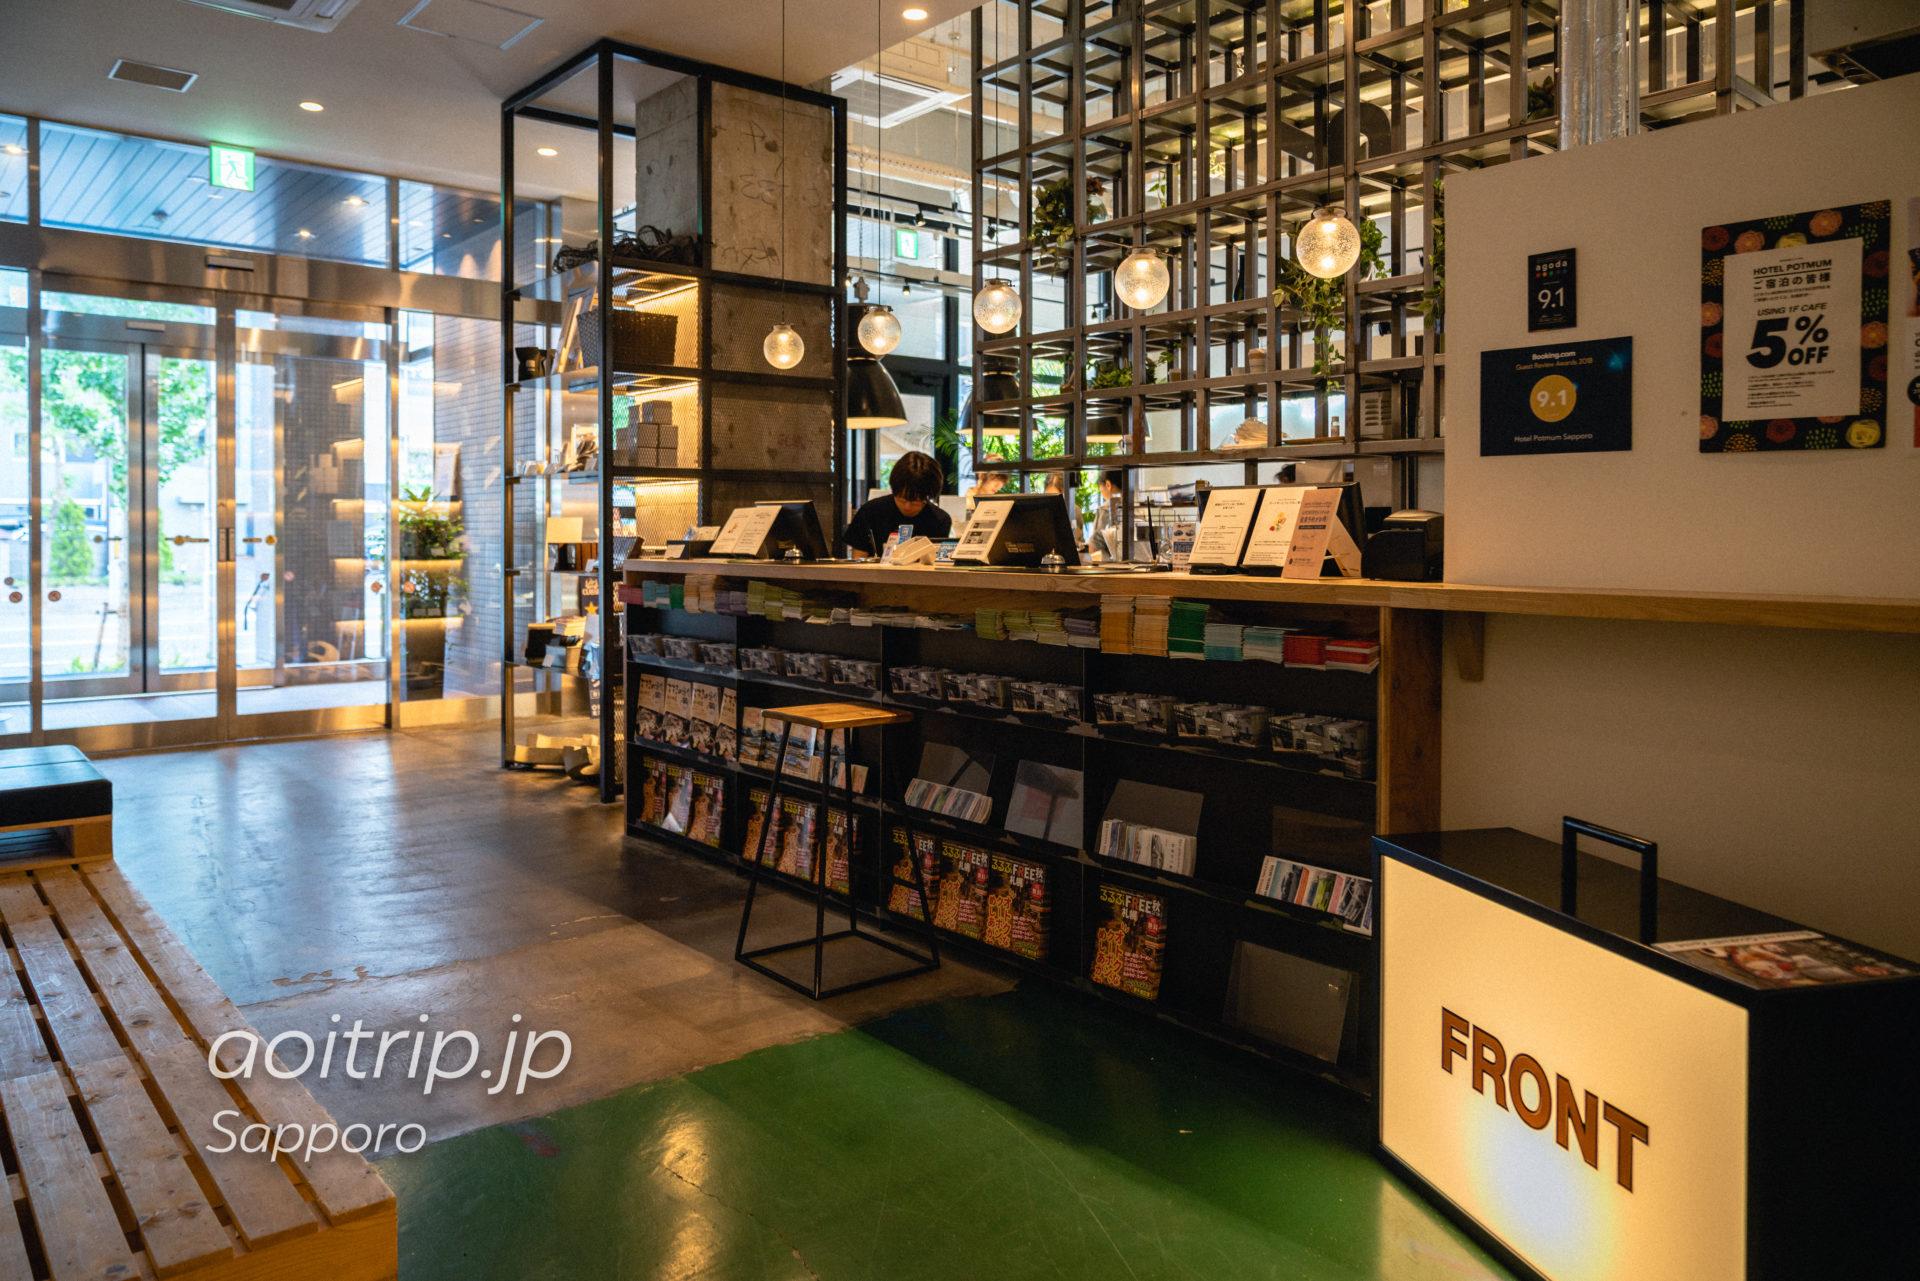 札幌モリヒココーヒー監修のホテル ポットマム宿泊記 Hotel Potmum, Sapporo